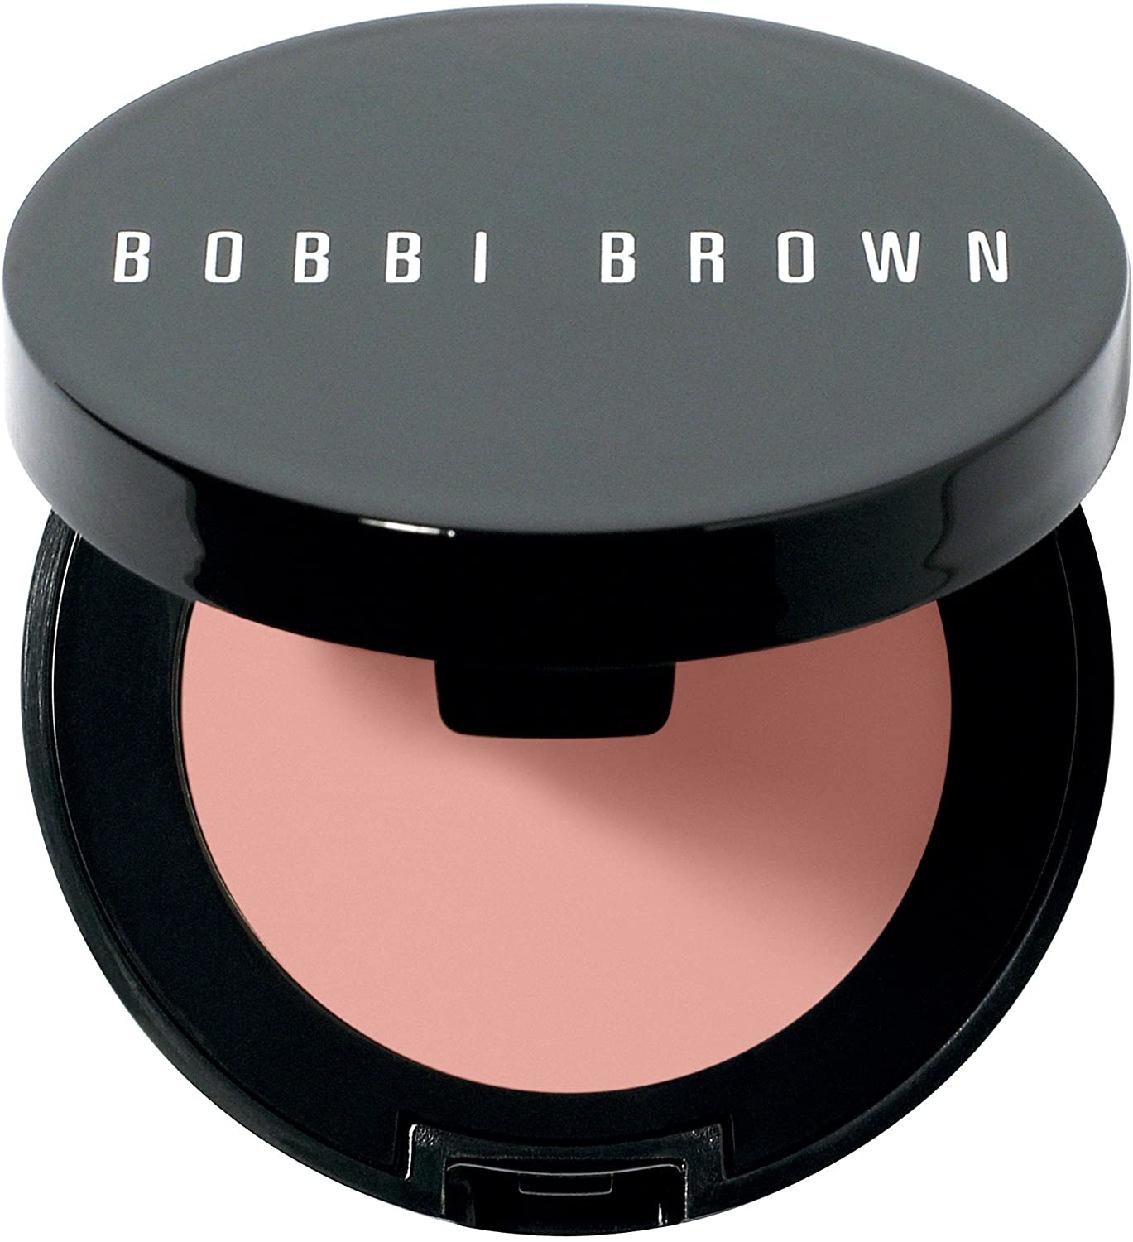 BOBBI BROWN(ボビイブラウン)コレクターの商品画像